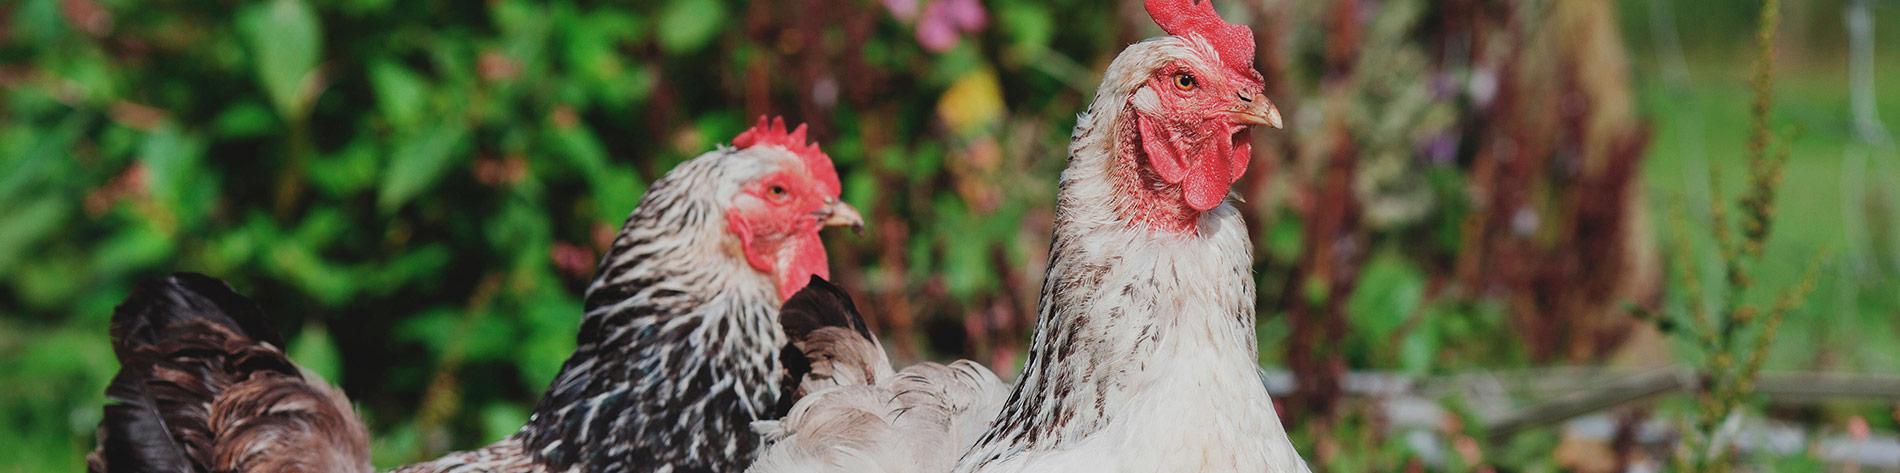 bandeau-poulet